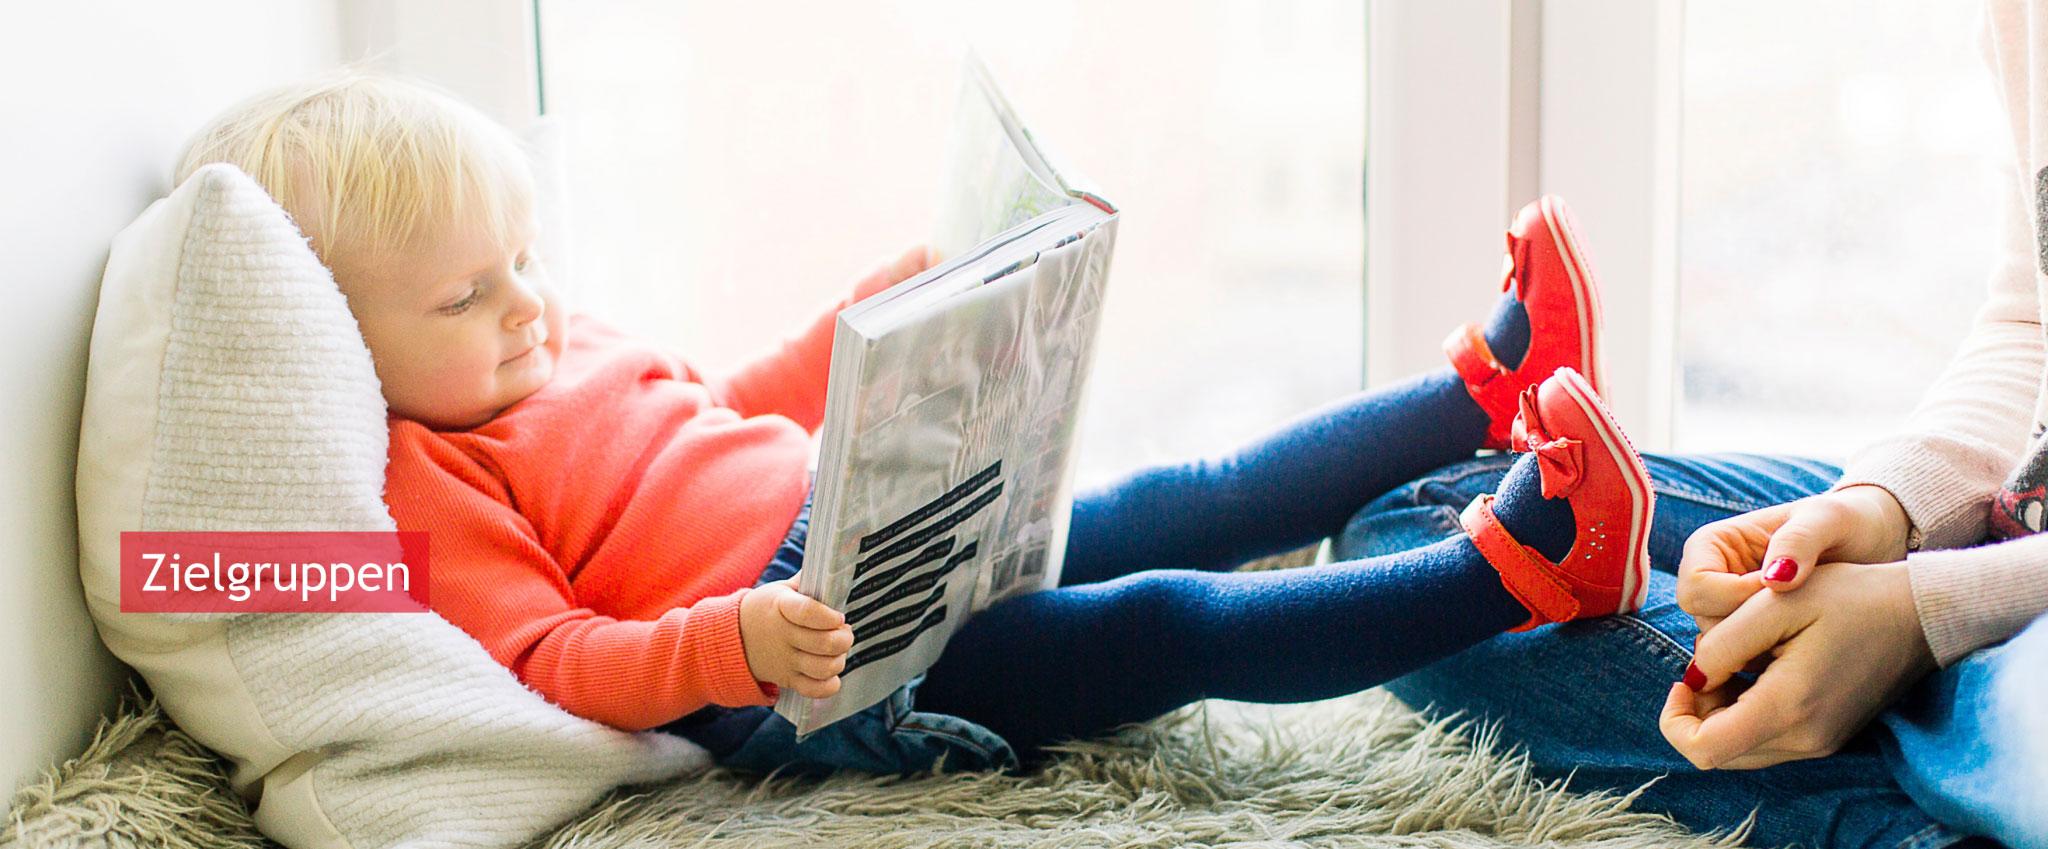 Kind mit Buch in den Händen